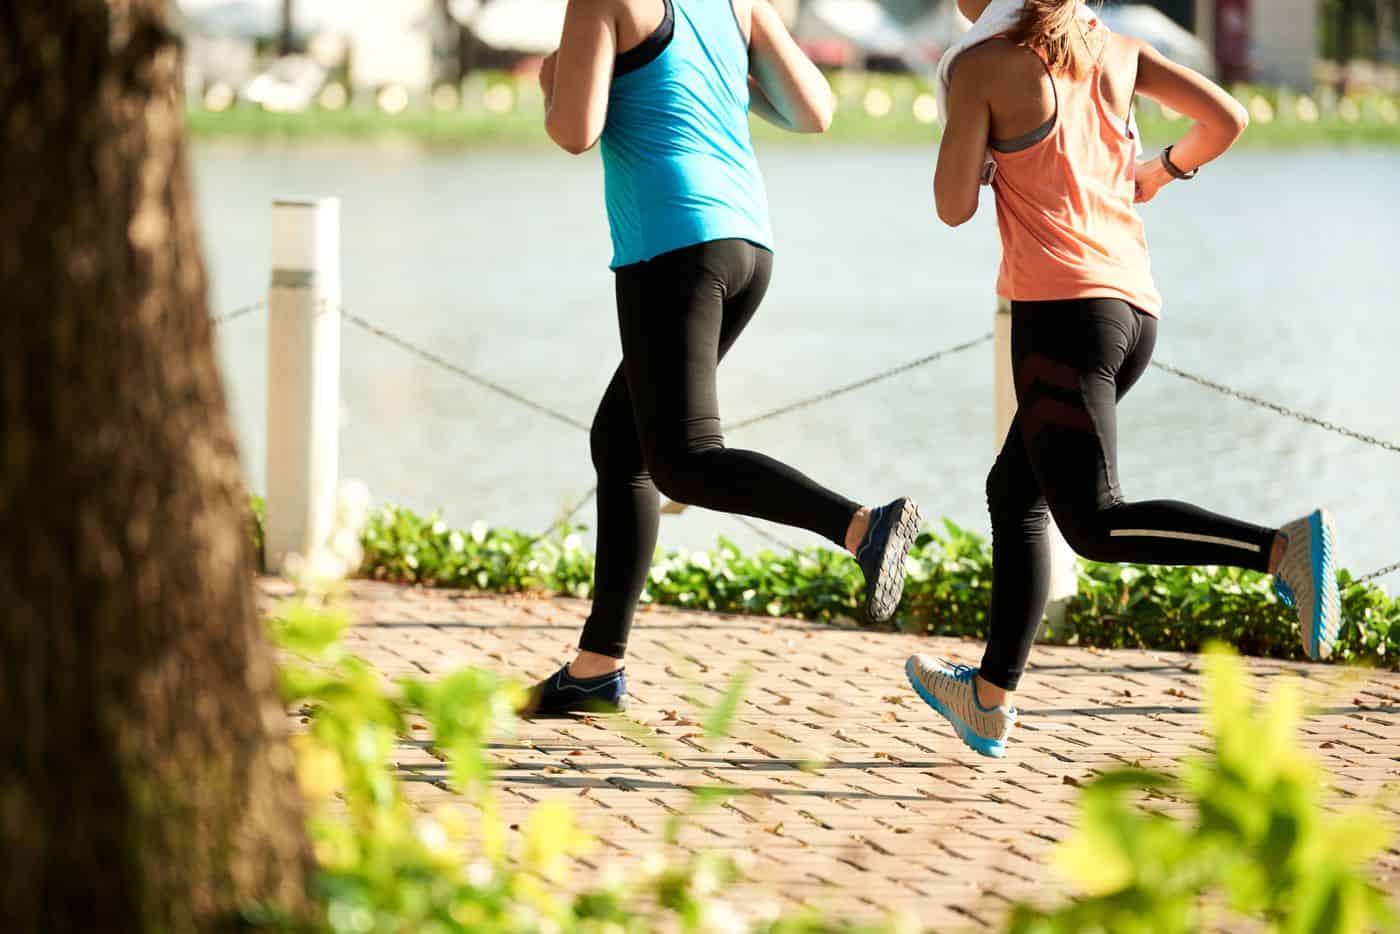 La pratique d'exercices physiques peut réduire les risques d'hypertension artérielle et cardiovasculaire.